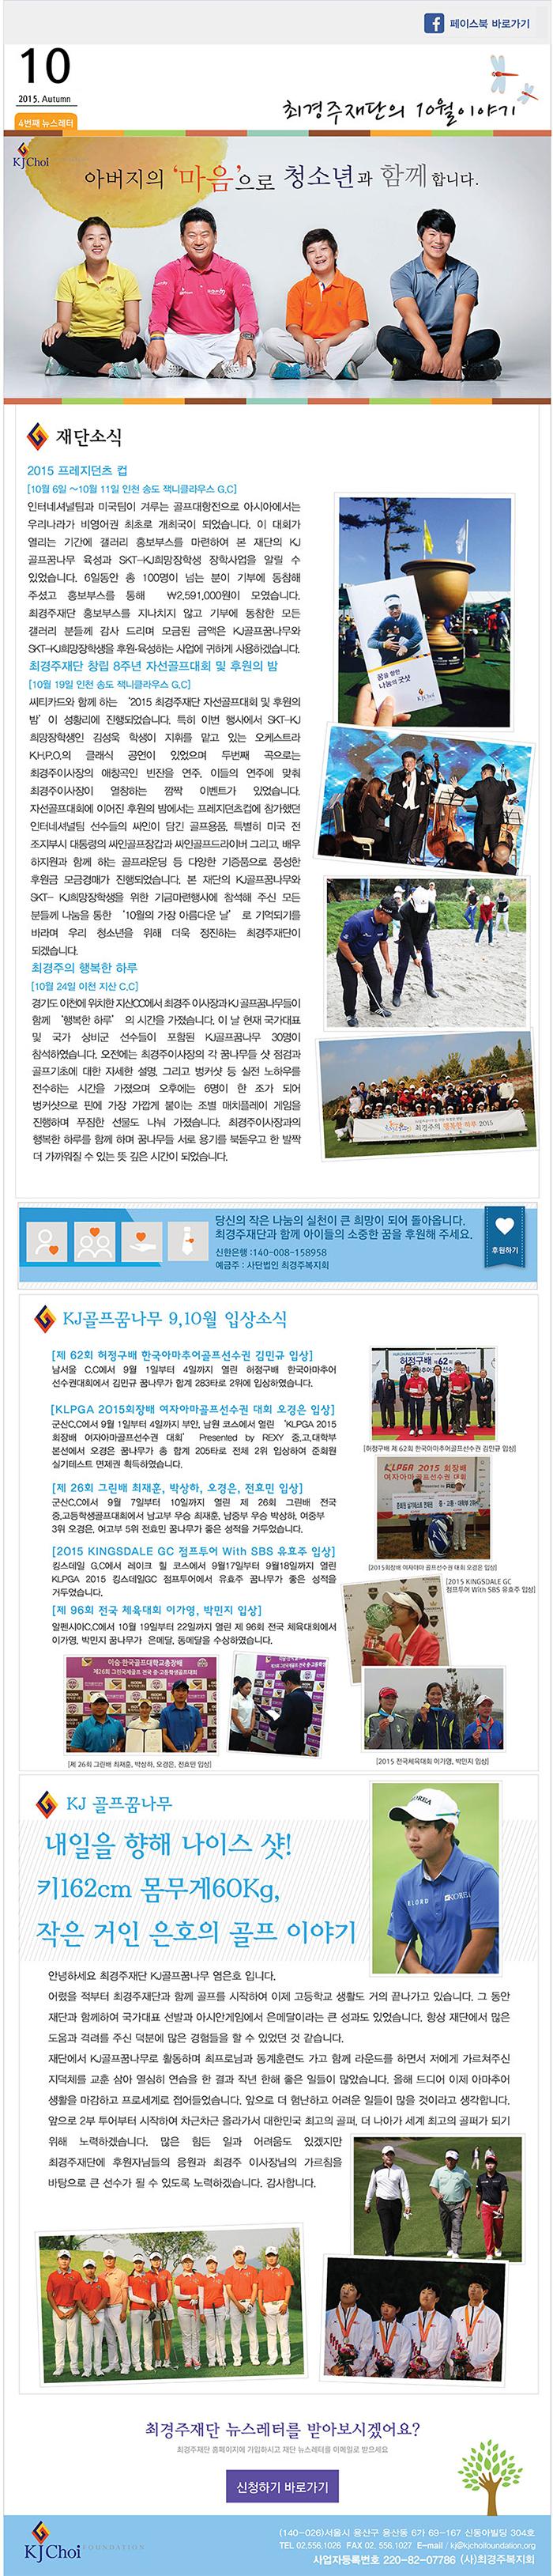 2015 10월 뉴스레터